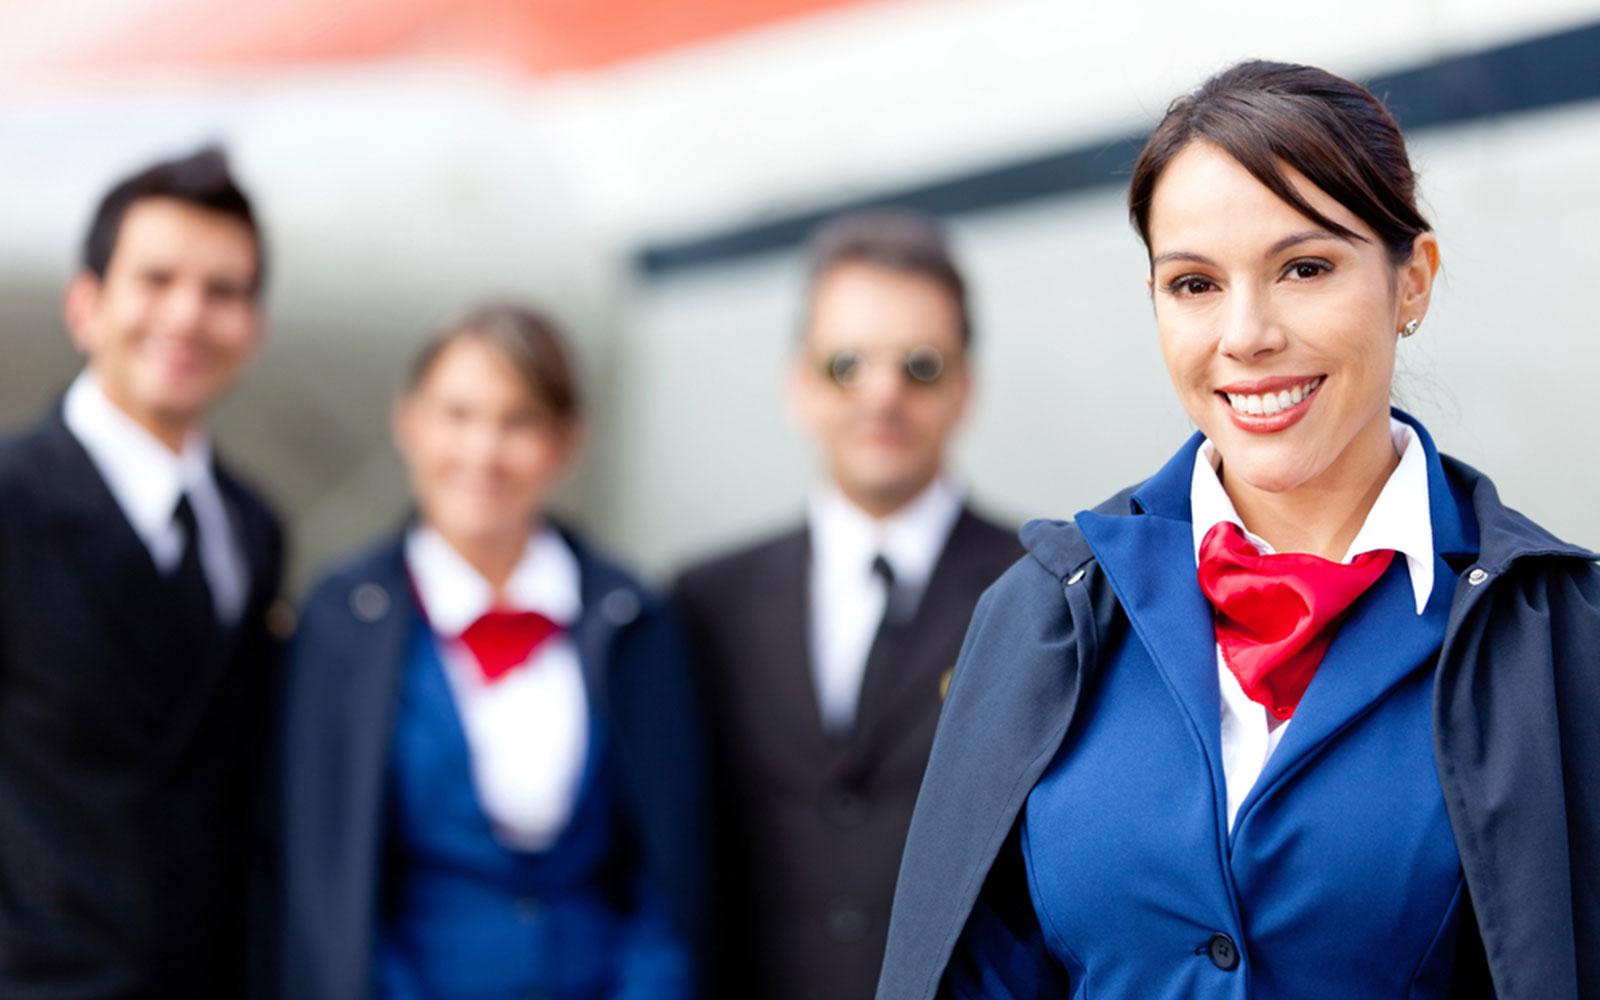 Ecole de Formation des Hôtesses de l'air et Stewards à Casablanca Maroc, Filière de l'Accueil dans les Transports Aériens et Maritimes AMTC Maroc